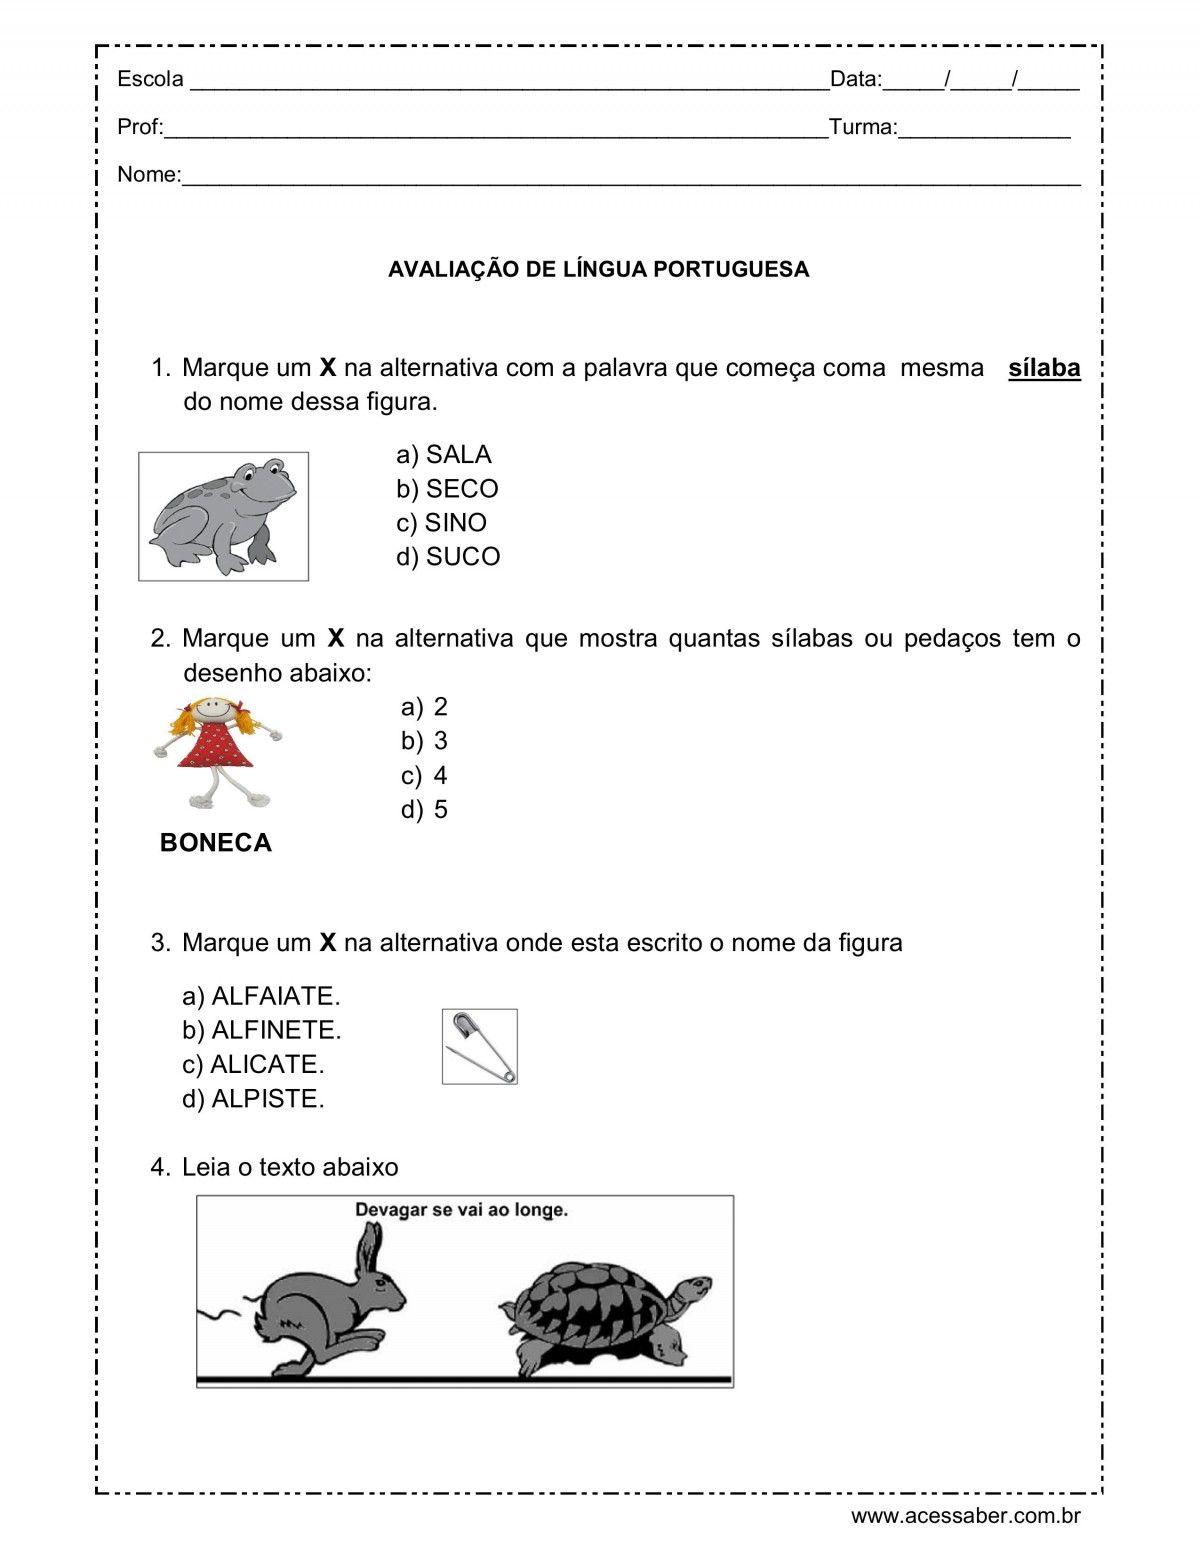 Pin Em Avaliacao Lingua Portuguesa